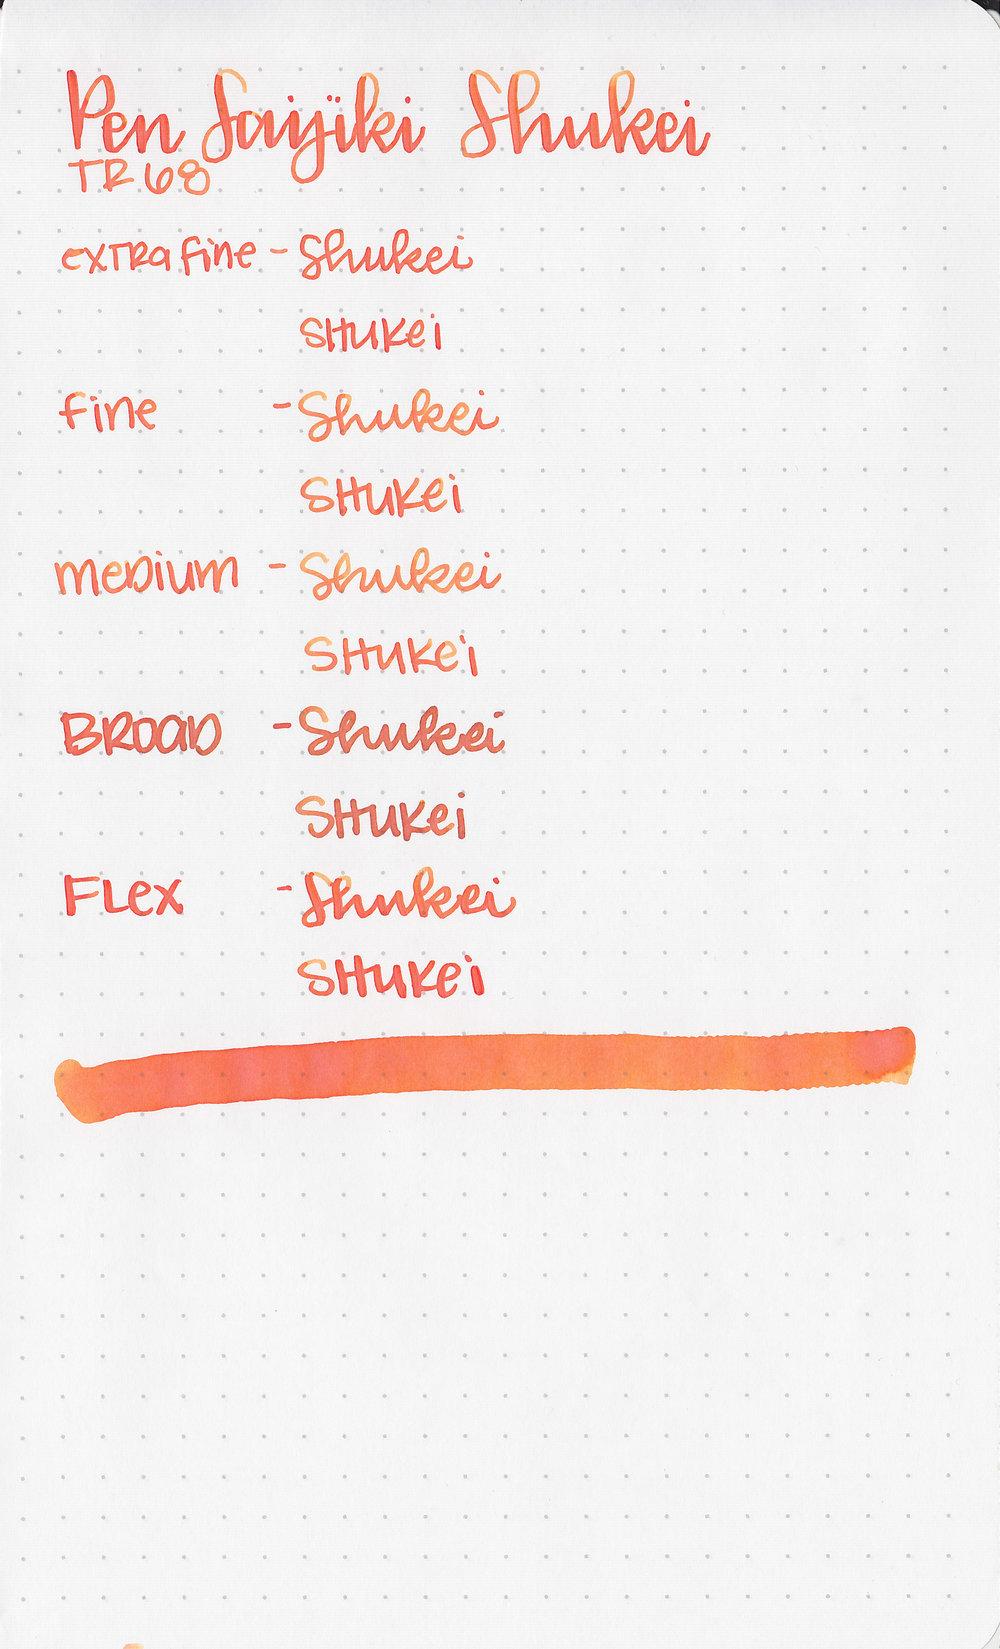 ps-shukei-7.jpg